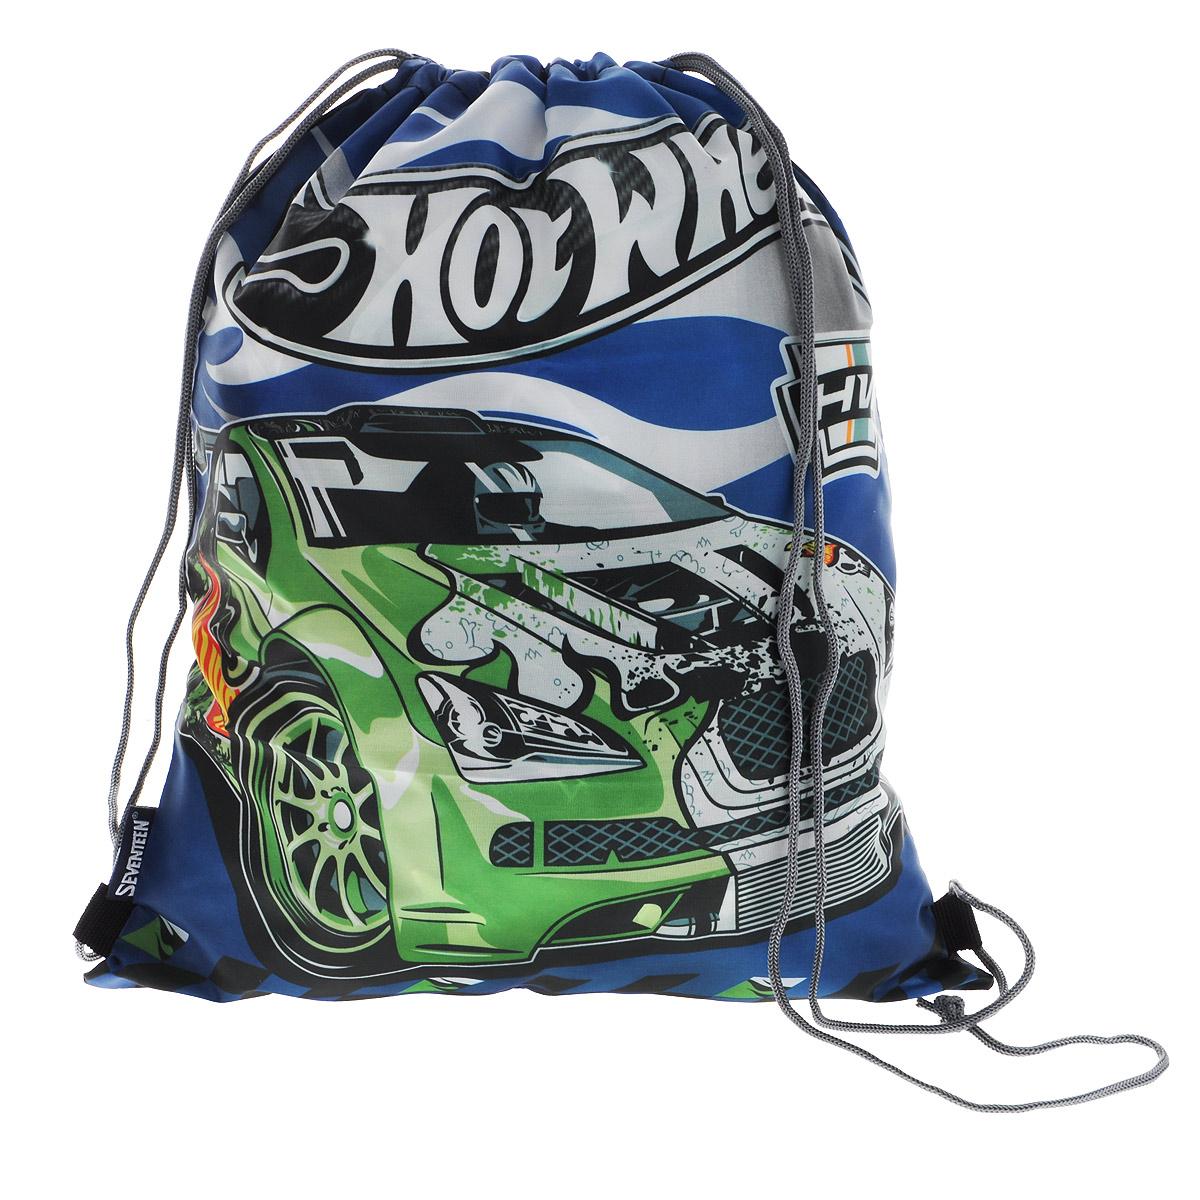 Hot Wheels Сумка-рюкзак для обуви цвет темно-синий зеленый HWCB-UT1-883HWCB-UT1-883Сумка для сменной обуви Hot Wheels идеально подходит как для хранения, так и для переноски сменной обуви и одежды.Сумка выполнена из прочного водонепроницаемого полиэстера и содержит одно вместительное отделение, затягивающееся с помощью текстильных шнурков. Шнурки фиксируются в нижней части сумки, благодаря чему ее можно носить за спиной как рюкзак.